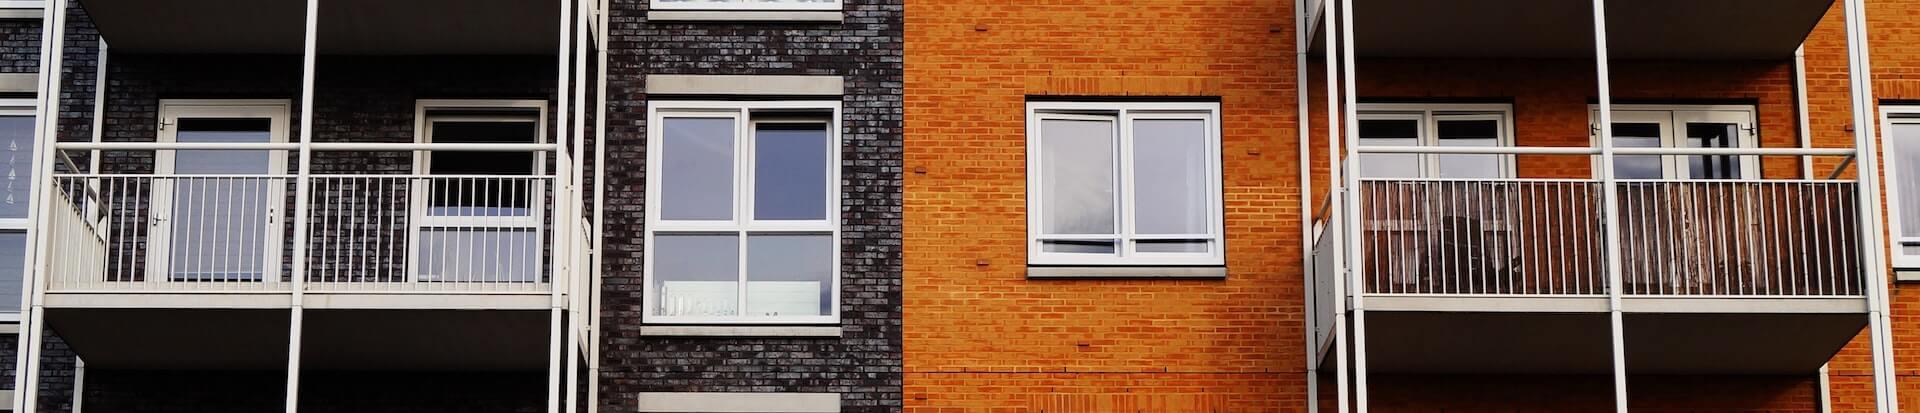 bunte Hausfassade mit Balkon